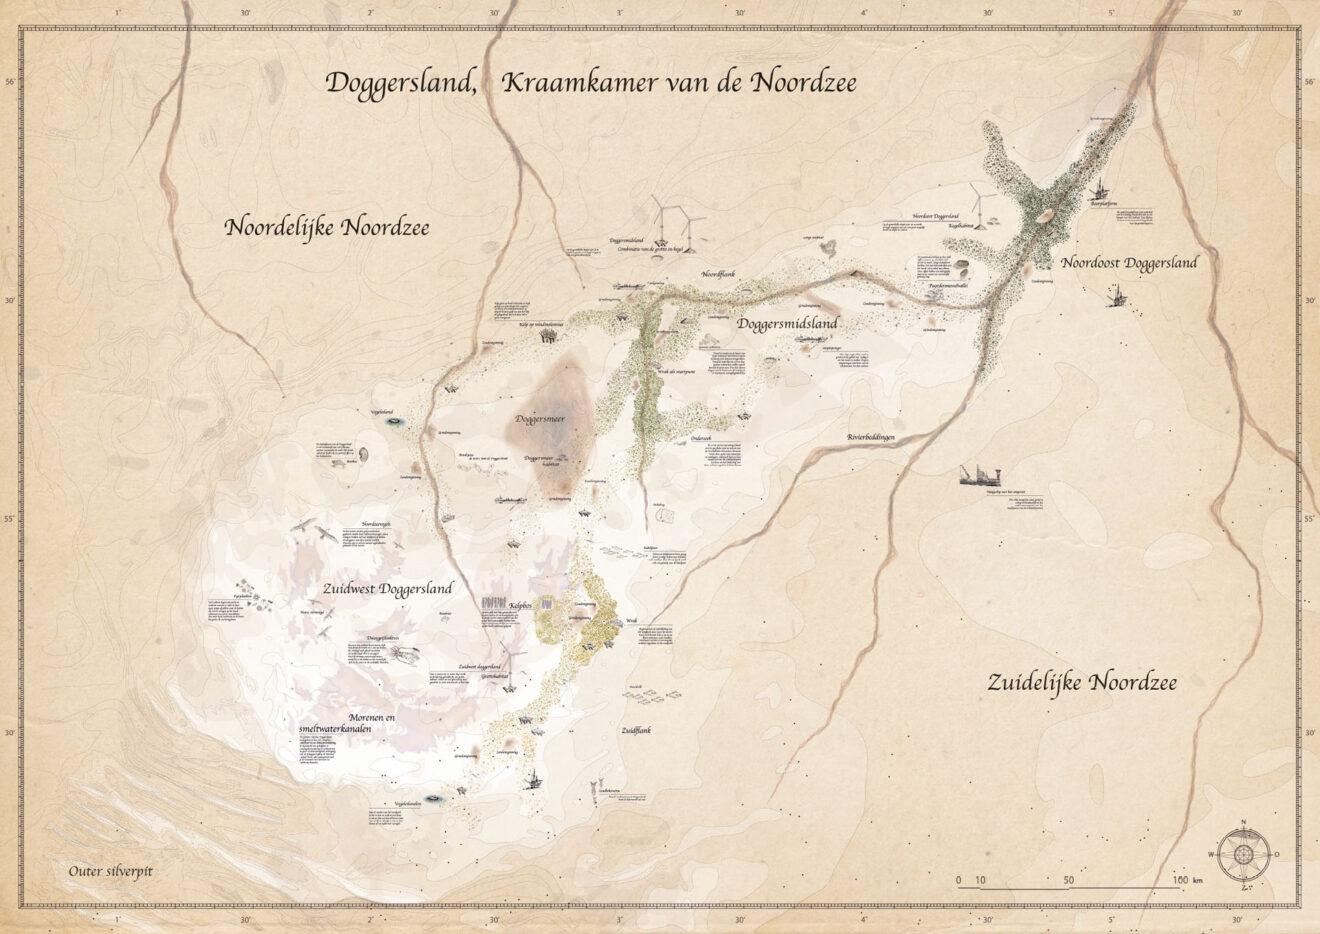 Het Doggersland, de kraamkamer van de Noordzee - Ziega van den Berk